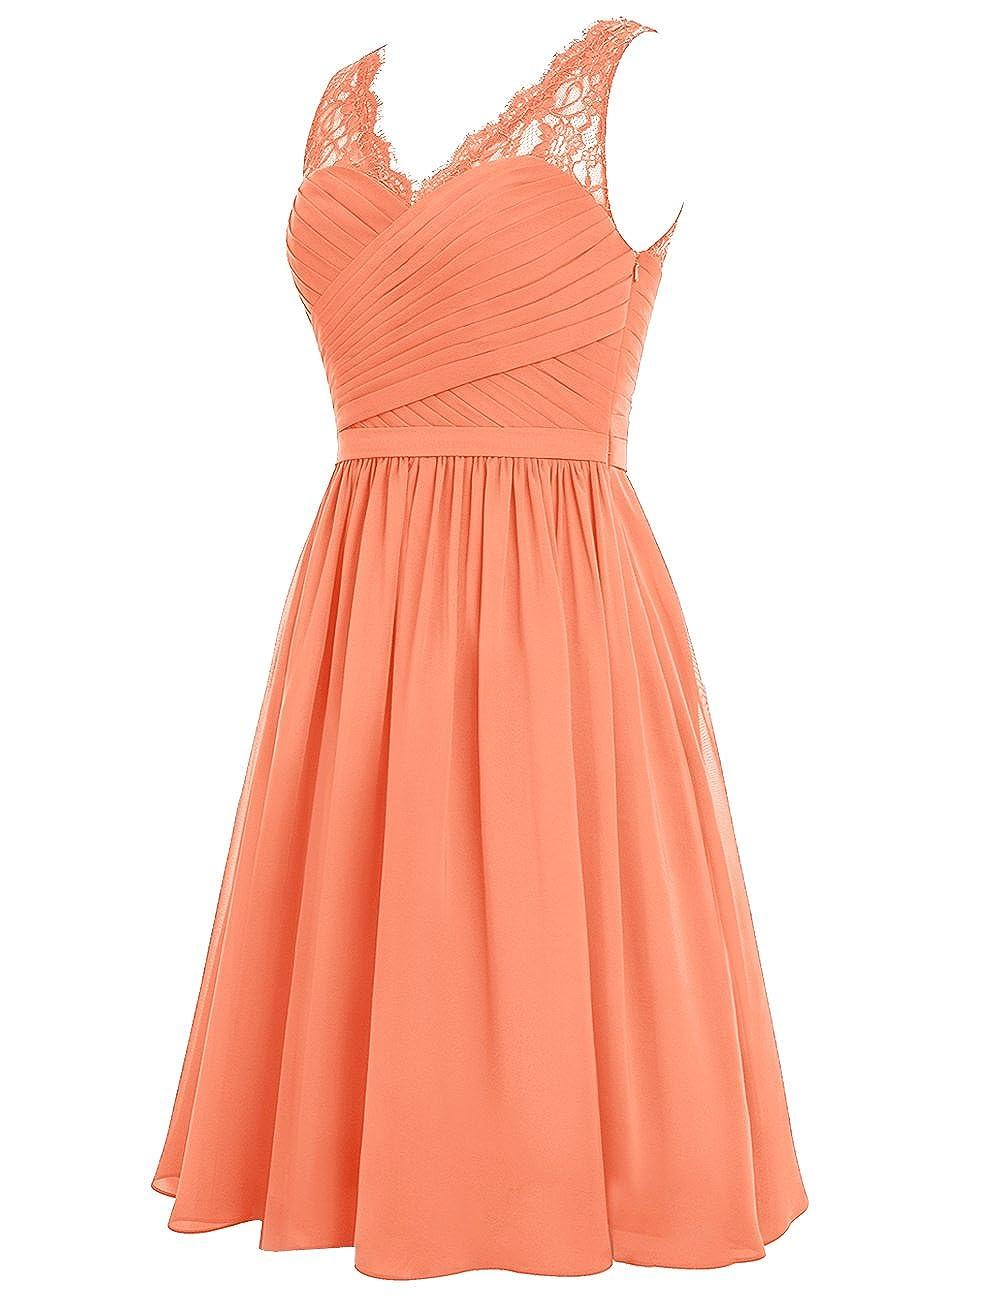 Dresstells reg; V Neck Chiffon Prom Dress with Lace Bridesmaid Dress Evening Party Dress: Amazon.co.uk: Clothing